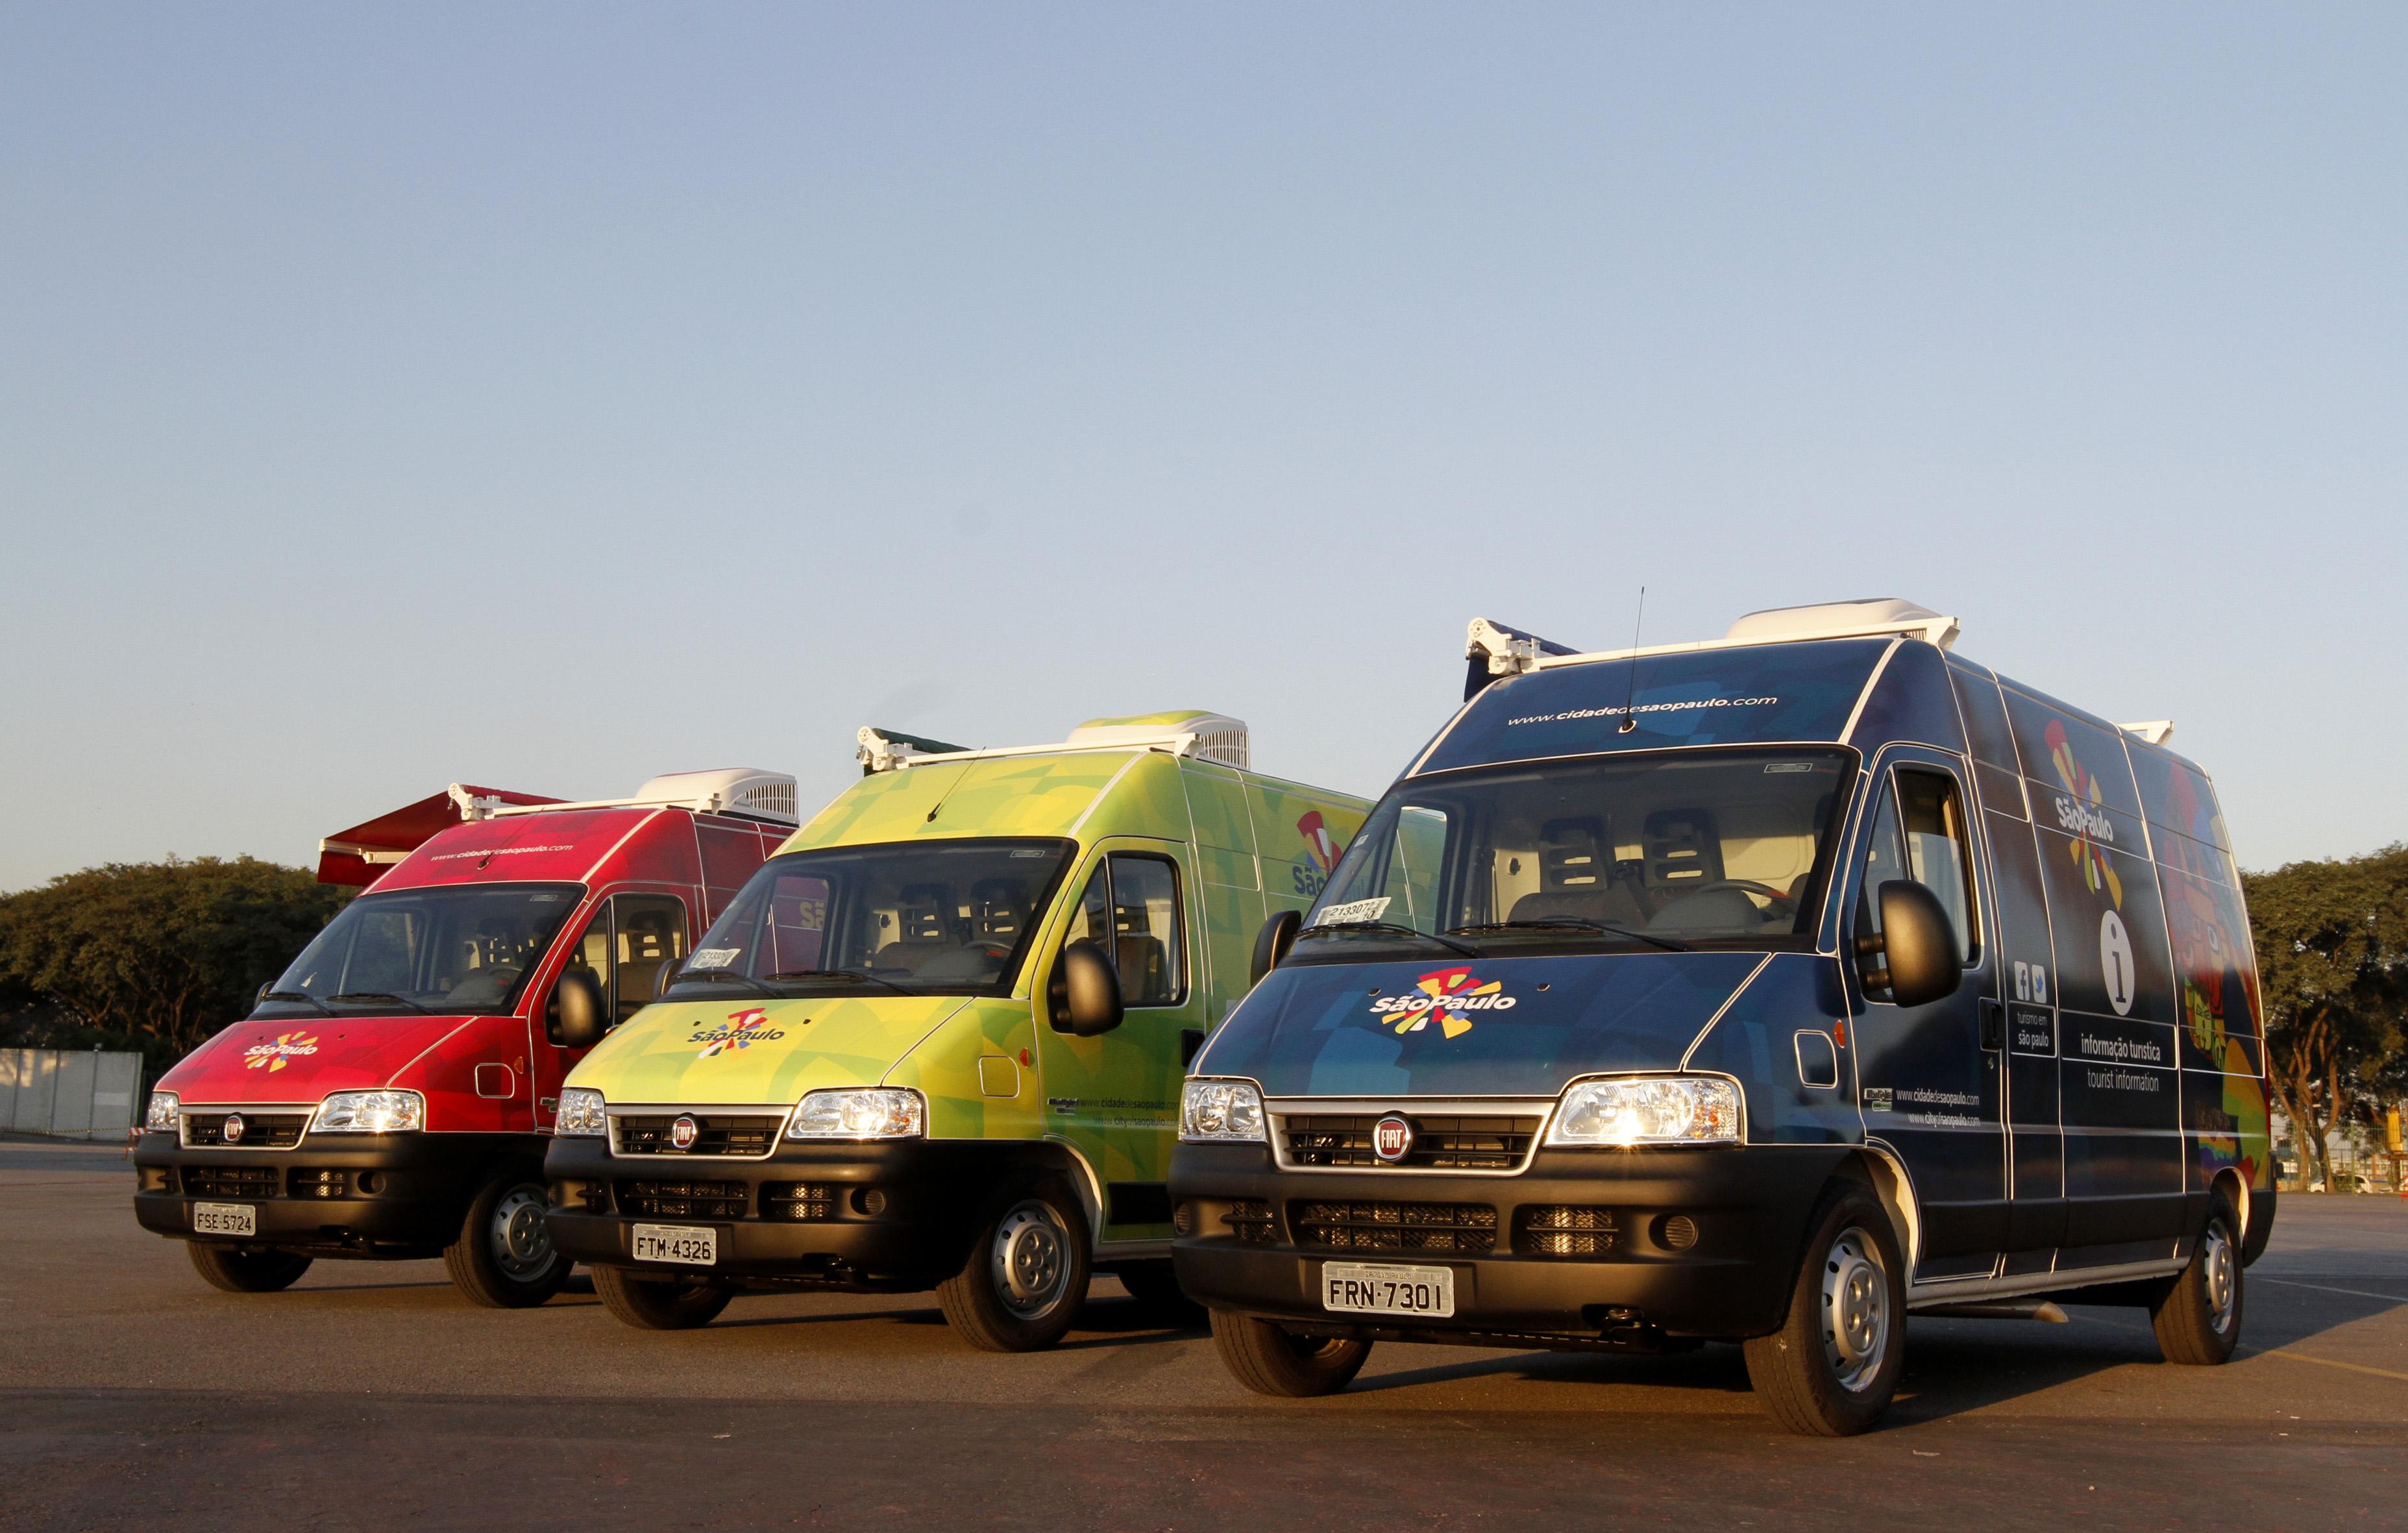 3 Vans, lado a lado. Da esquerda para a direita, a 1ª é vermelha, a 2ª verde claro e a 3ª azul marinho. Todas trazem pintada no capô dianteiro a Marca São Paulo. Acima e ao fundo, um céu azul sem nuvens, ao entardecer.